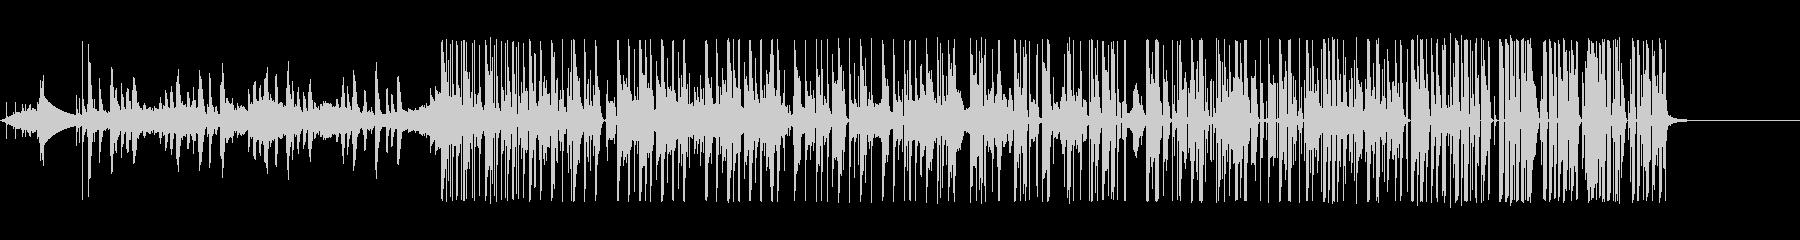 細々した音使いが特徴的なエレクトロニカの未再生の波形